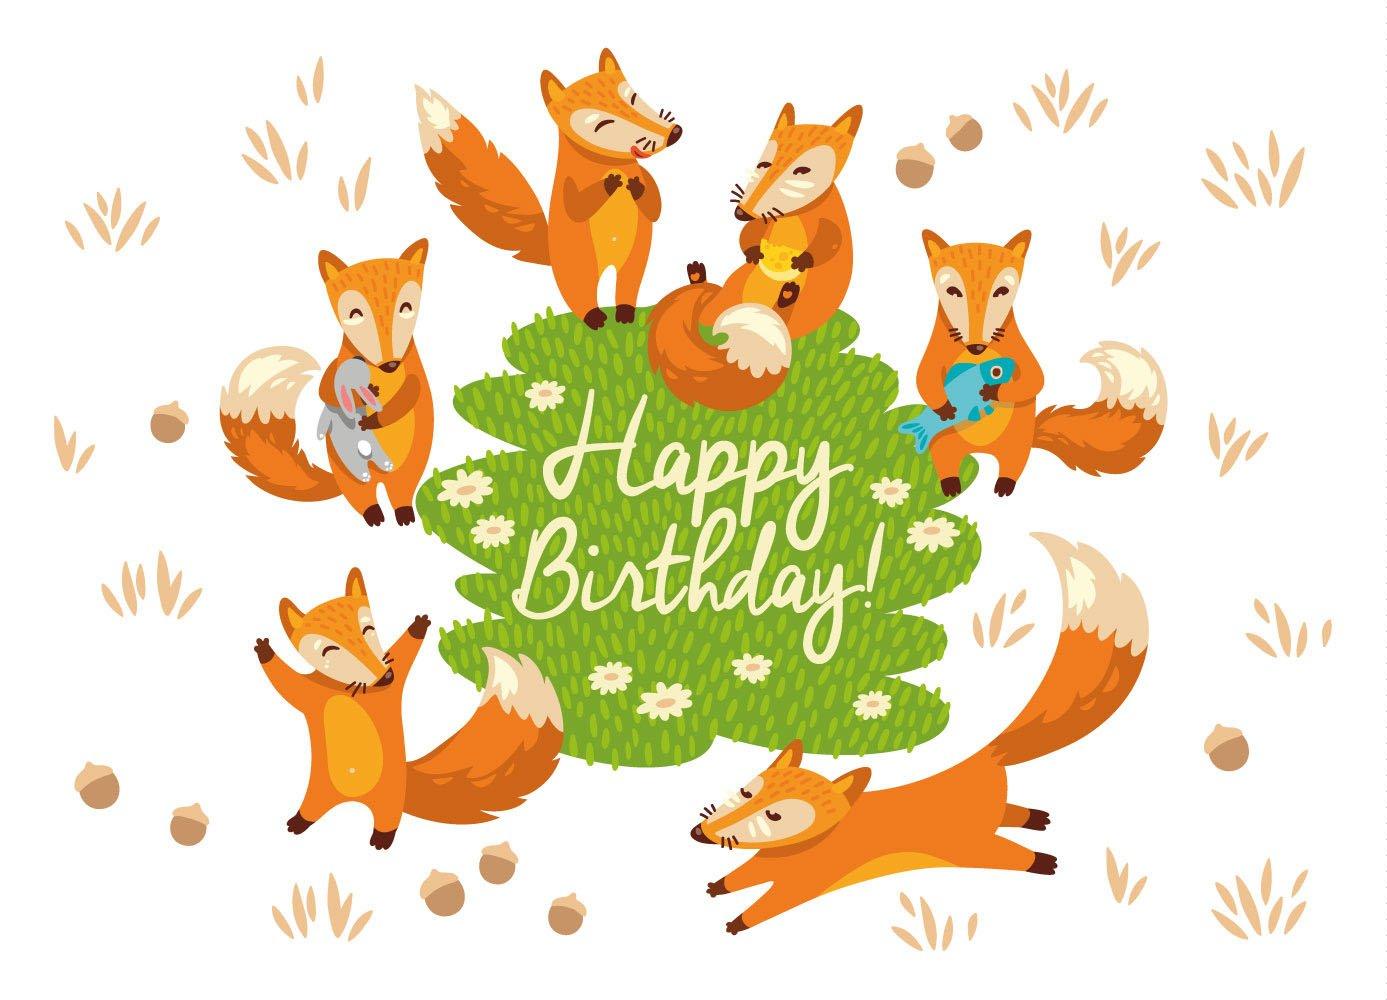 Смешные картинки, открытки к дню рождения с лисичкой